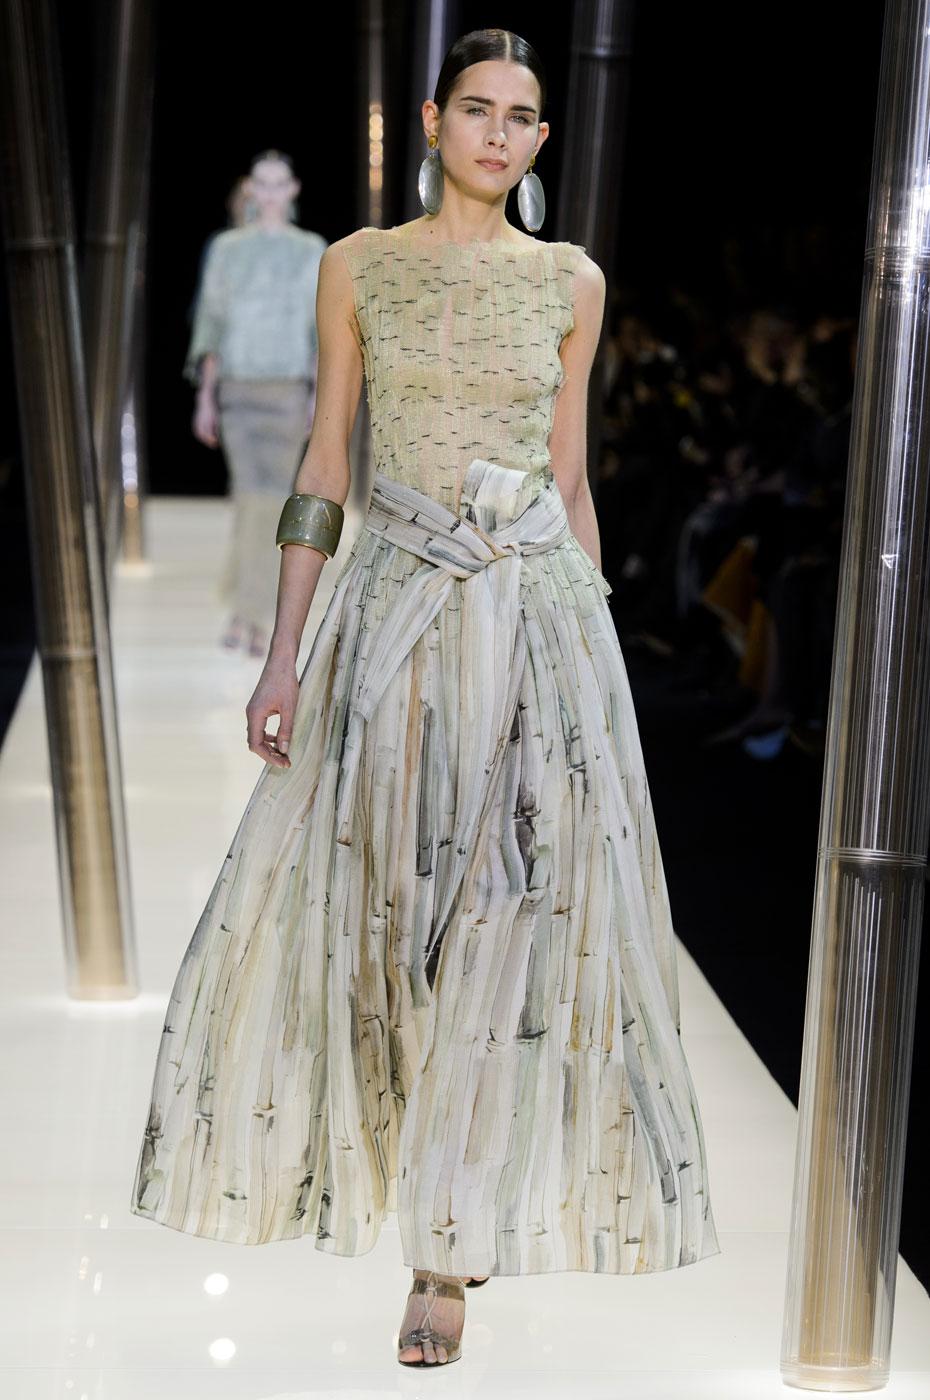 Giorgio-armani-Prive-fashion-runway-show-haute-couture-paris-spring-2015-the-impression-039